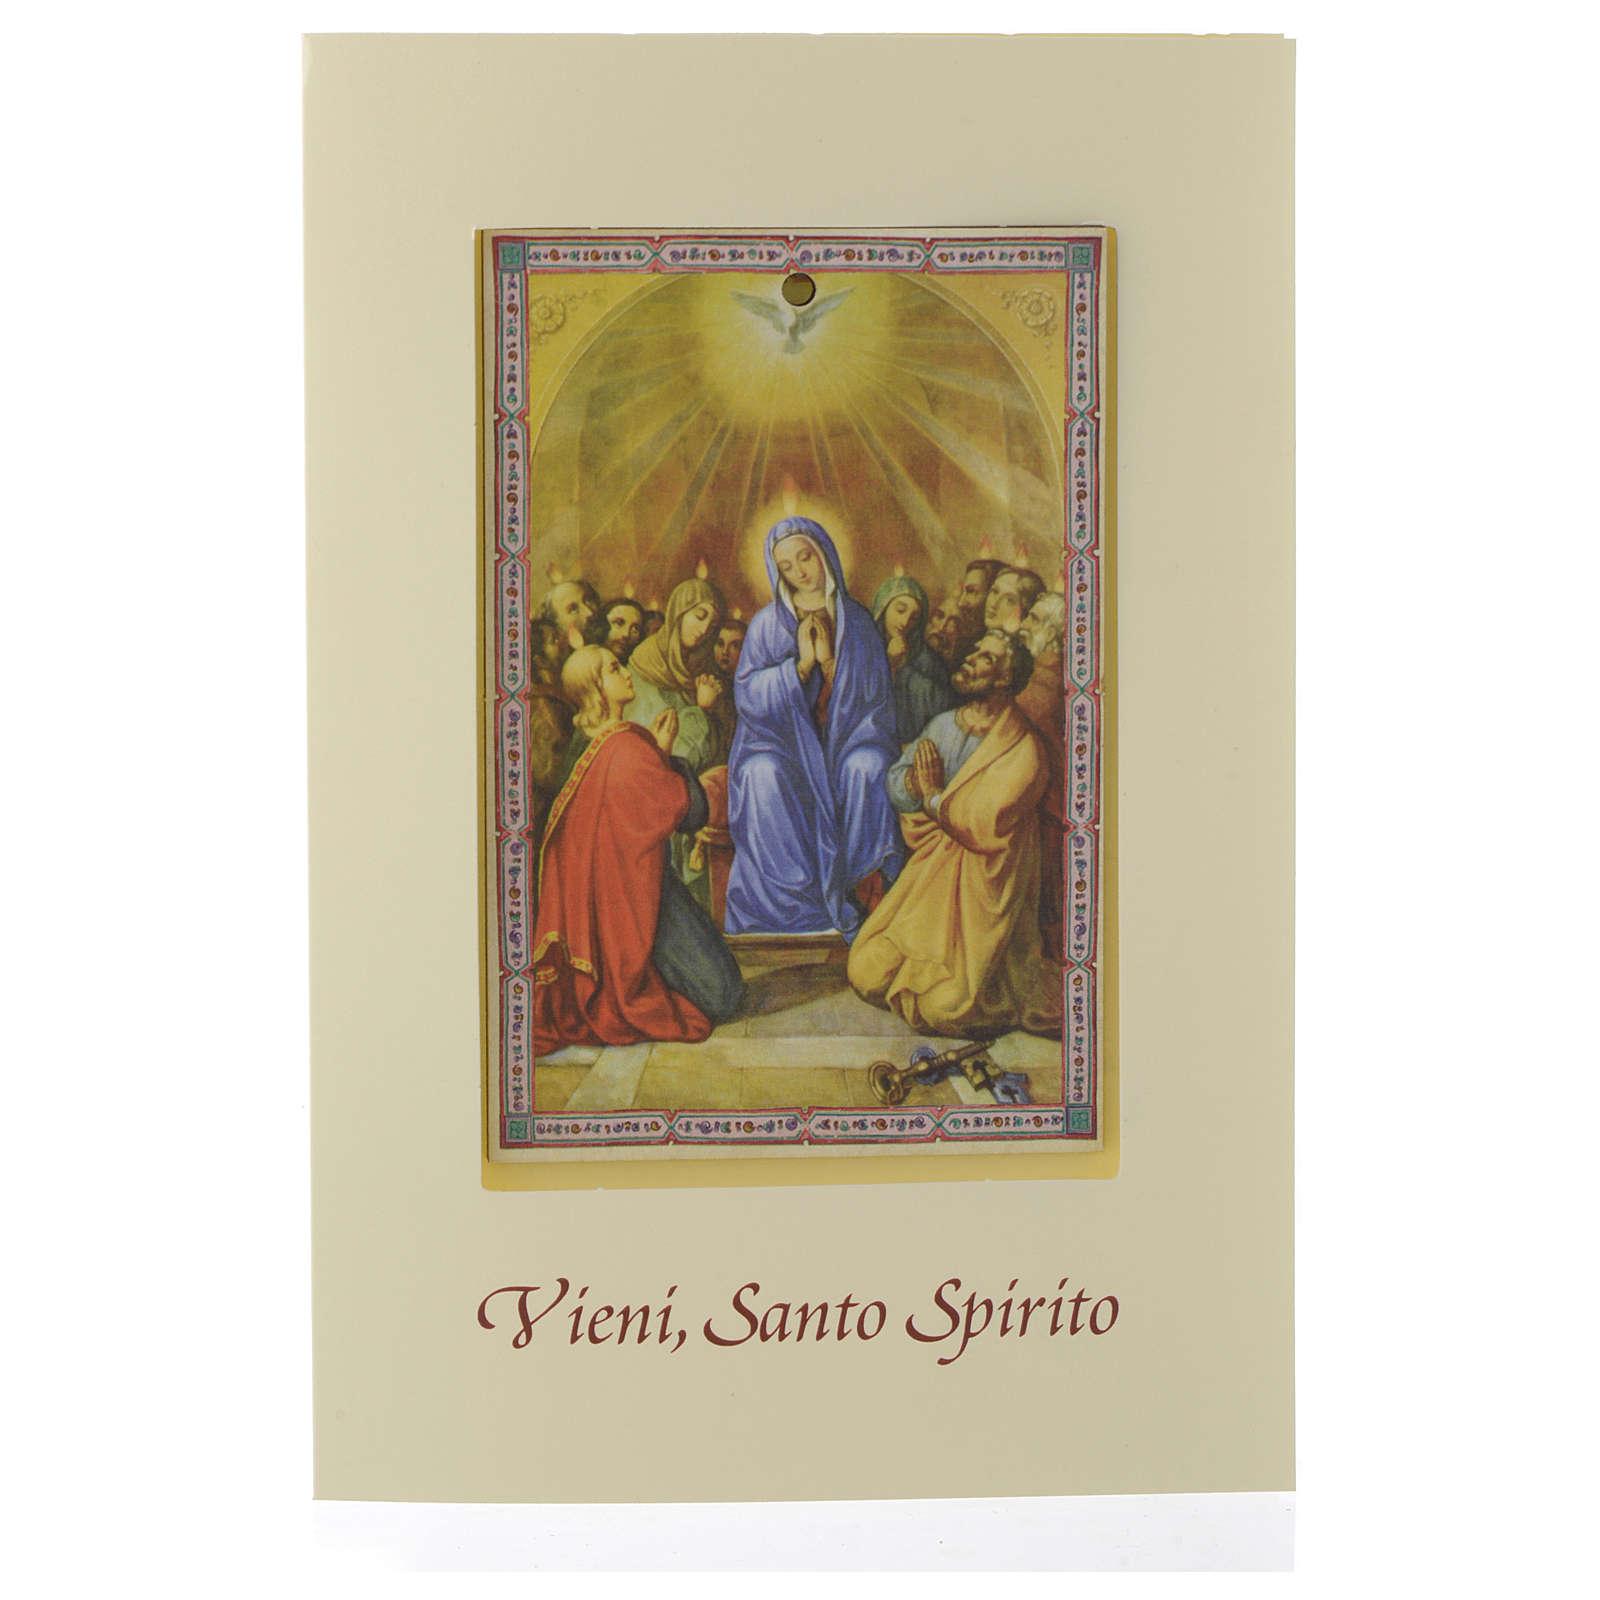 Biglietto Cresima con icona Vieni Spirito Santo 3